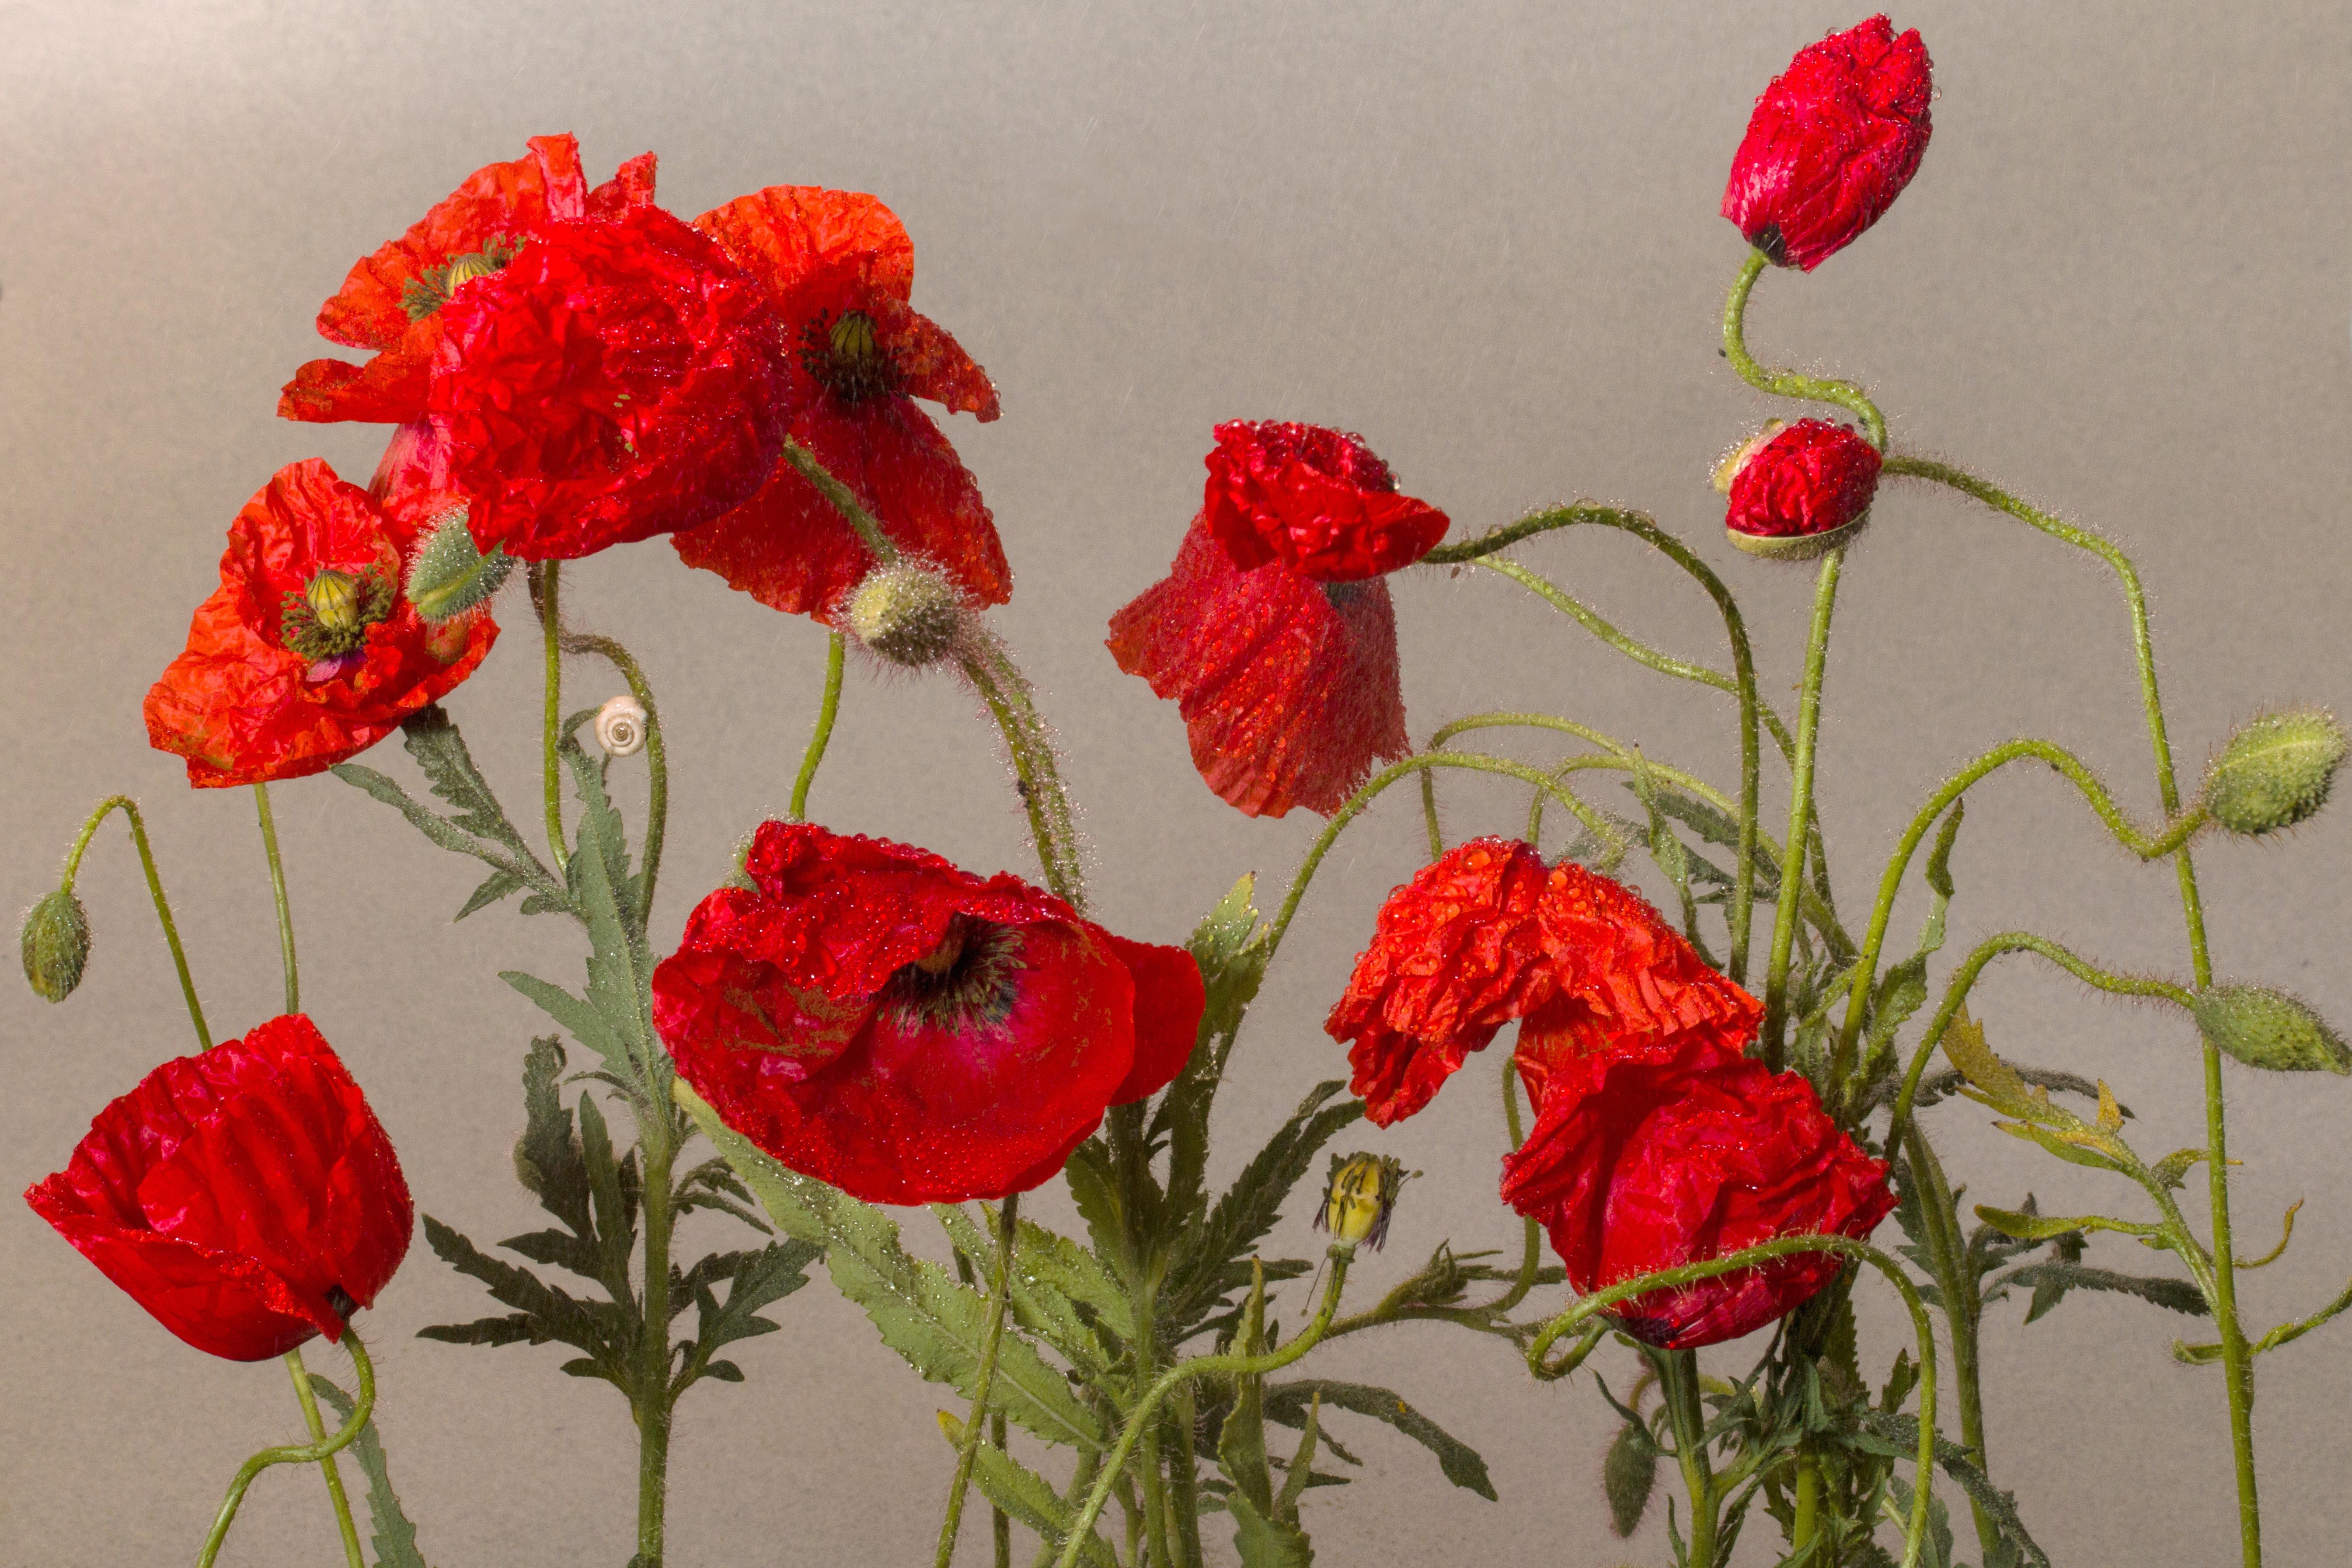 Free Images : petal, rose, flora, klatschmohn, poppy flower, red ...